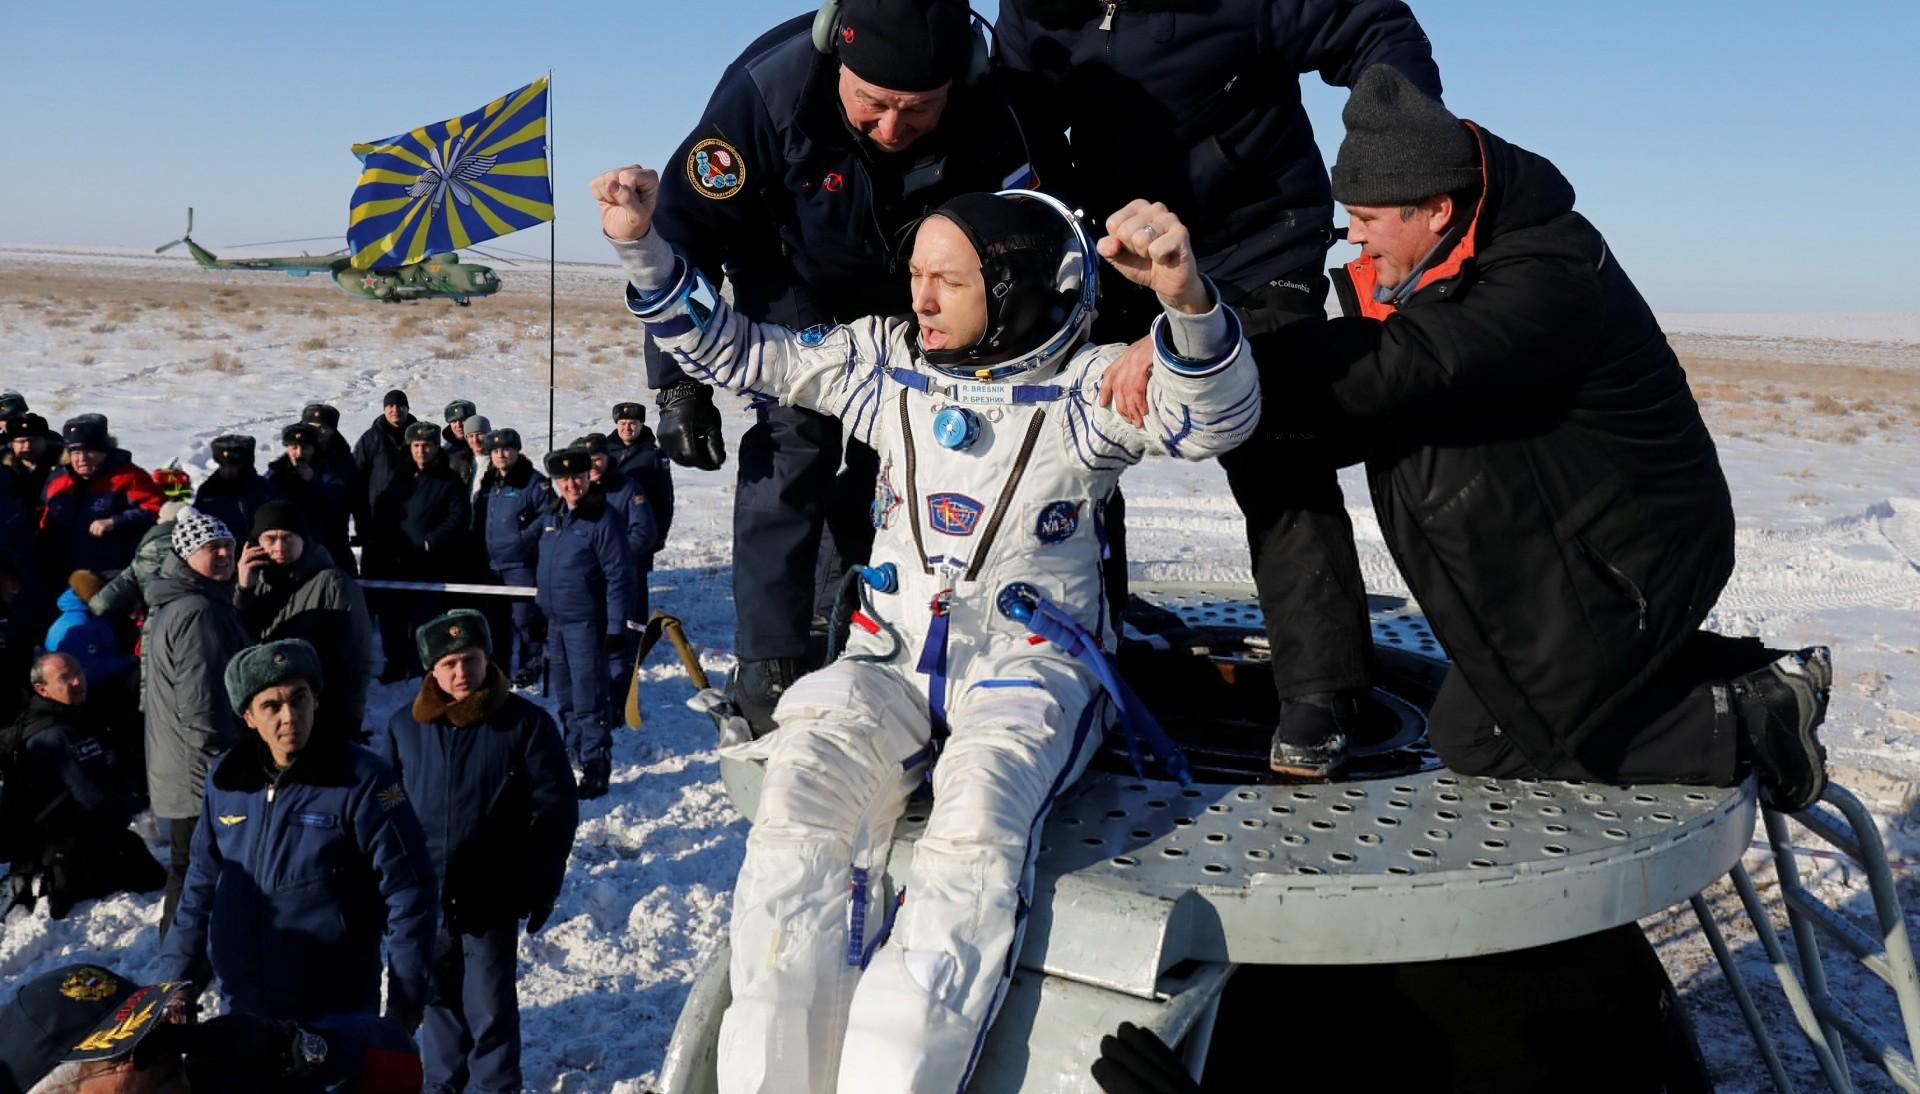 Era la segunda misión espacial de Sergey Riazanski y Randy Bresnik, que celebró su 50º cumpleaños a bordo de la ISS. Para el veterano Paolo Nespoli, de 60 años, se trató de su tercer viaje al espacio